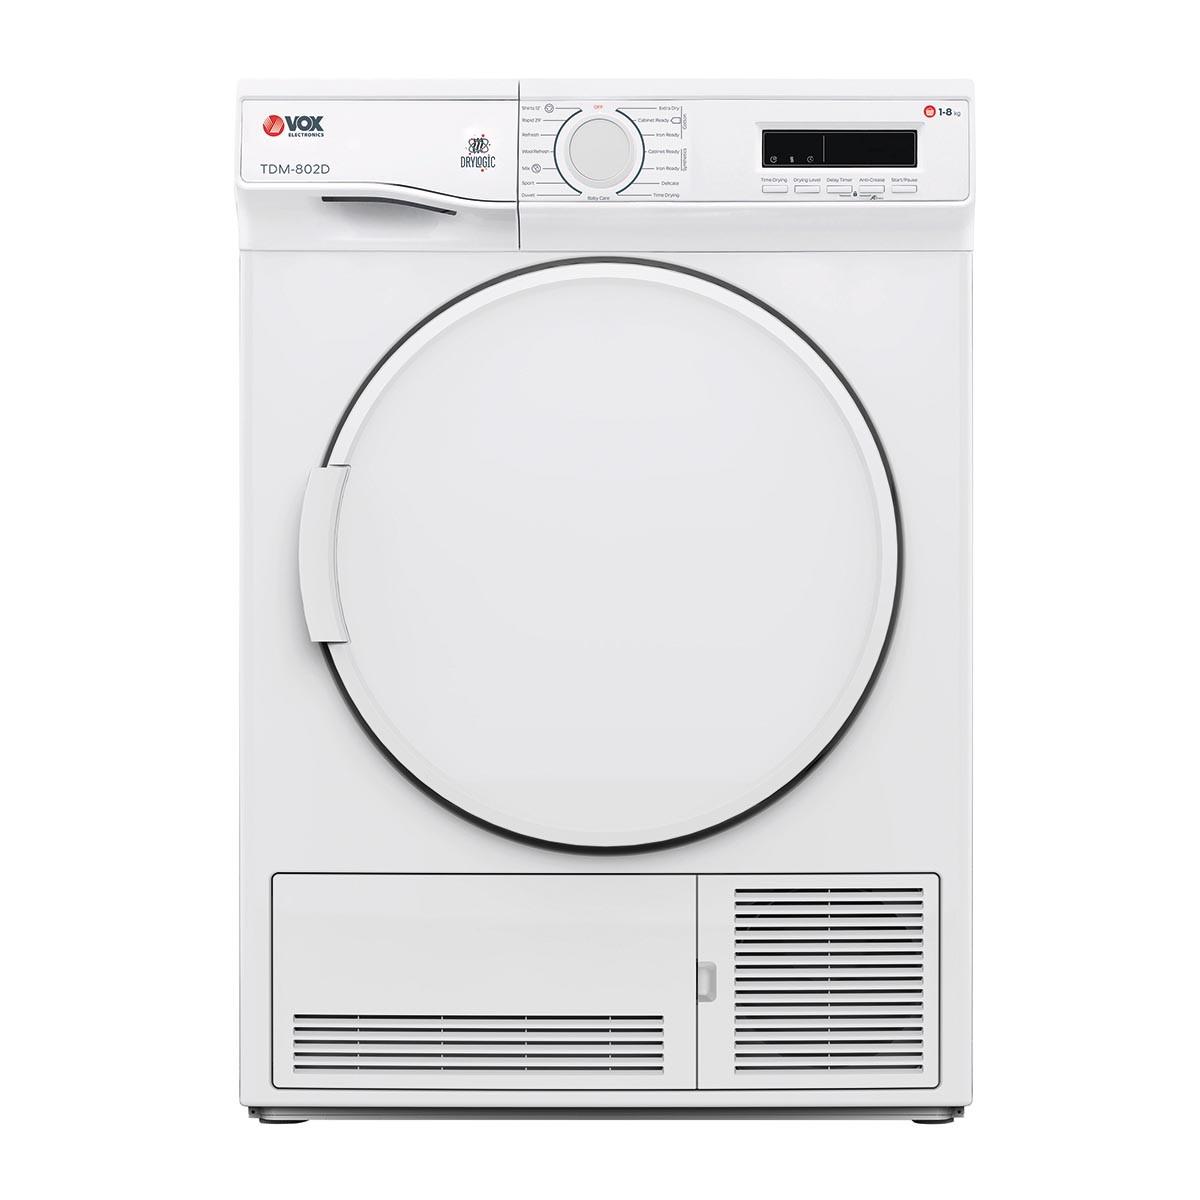 VOX Mašina za sušenje veša TDM802D